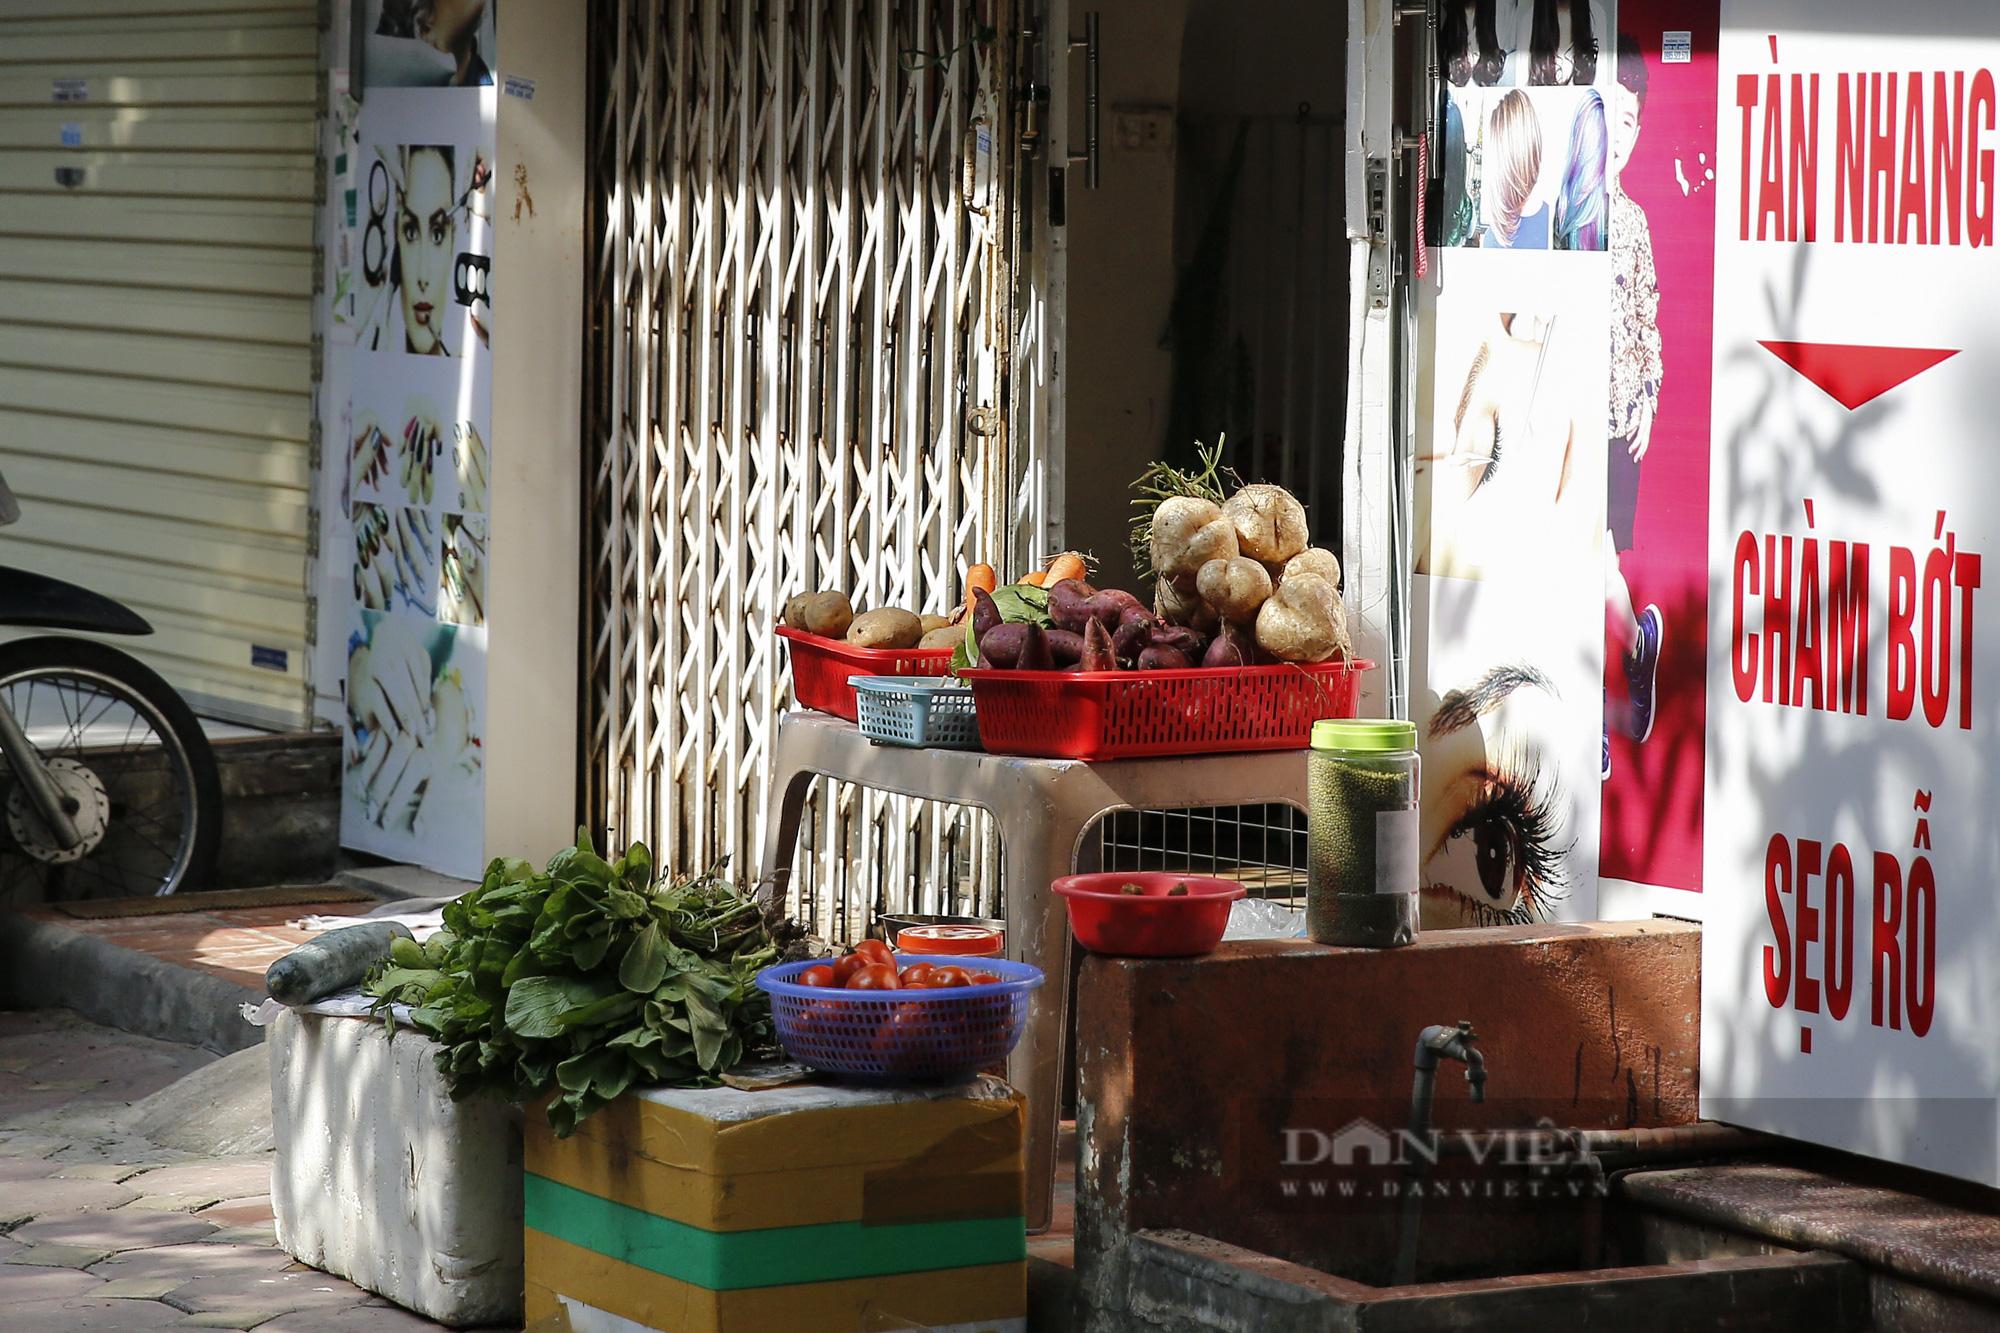 Hà Nội: Nhà hàng, quán cà phê, tiệm cắt tóc... chuyển sang bán thực phẩm thiết yếu - Ảnh 6.